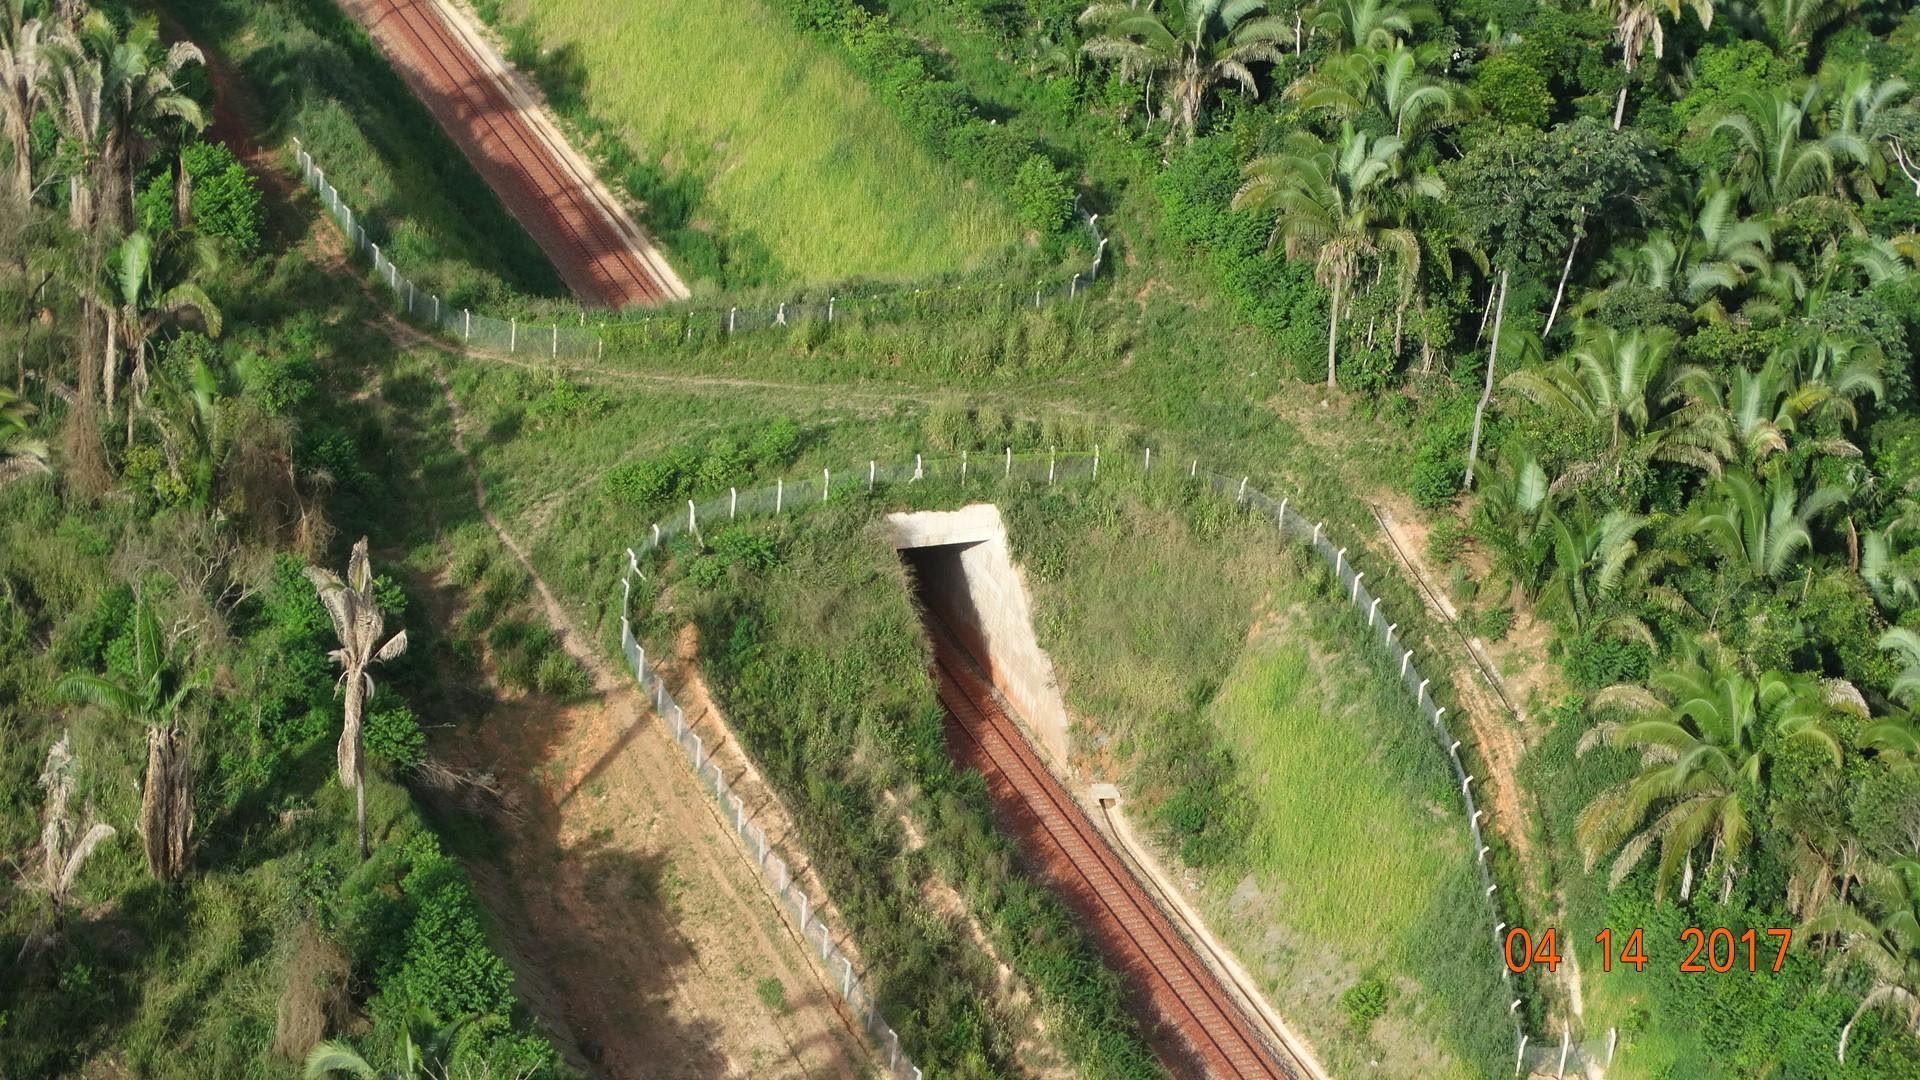 Passagens exclusivas para animais do Ramal Ferroviário S11D beneficiam fauna na Floresta Amazônica